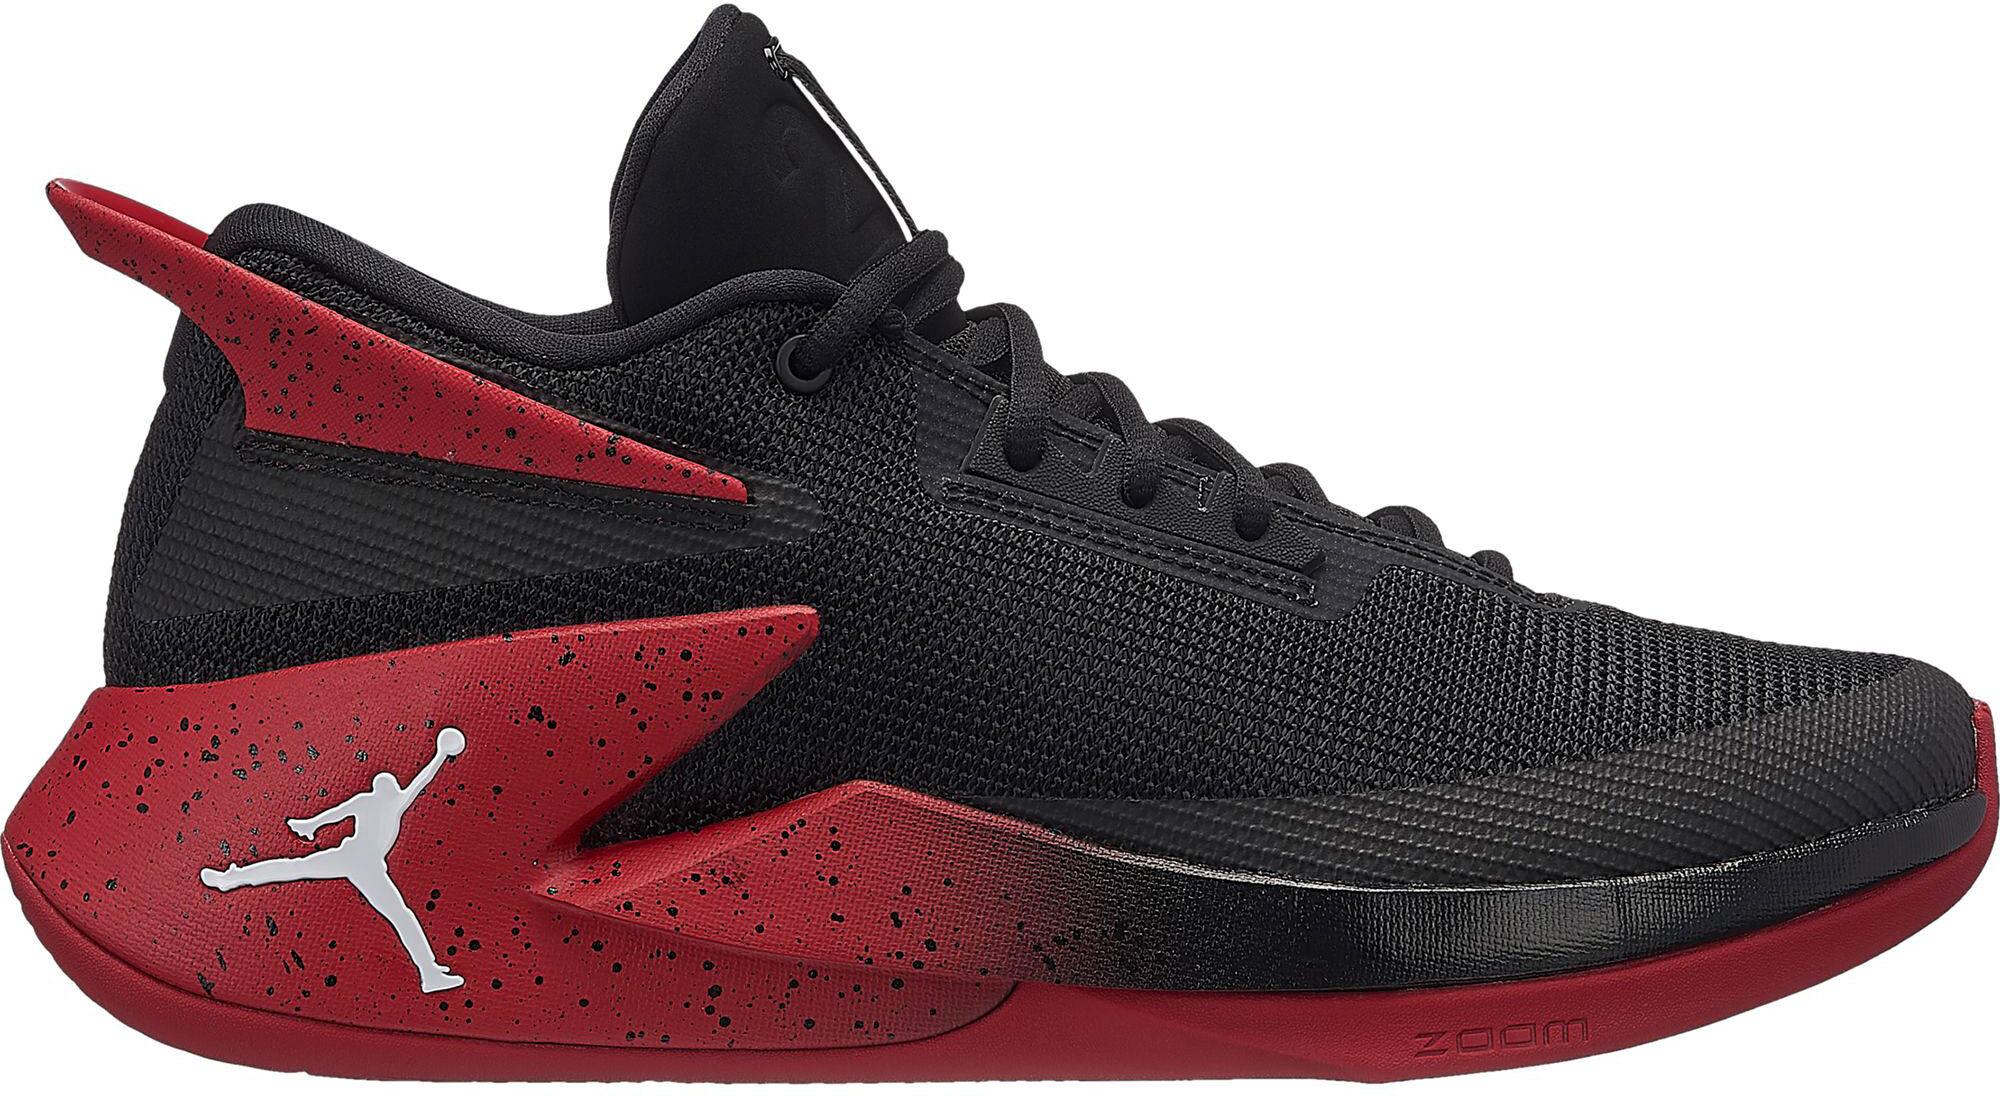 Nike · Jordan Fly Lockdown férfi kosárlabdacipő Férfiak